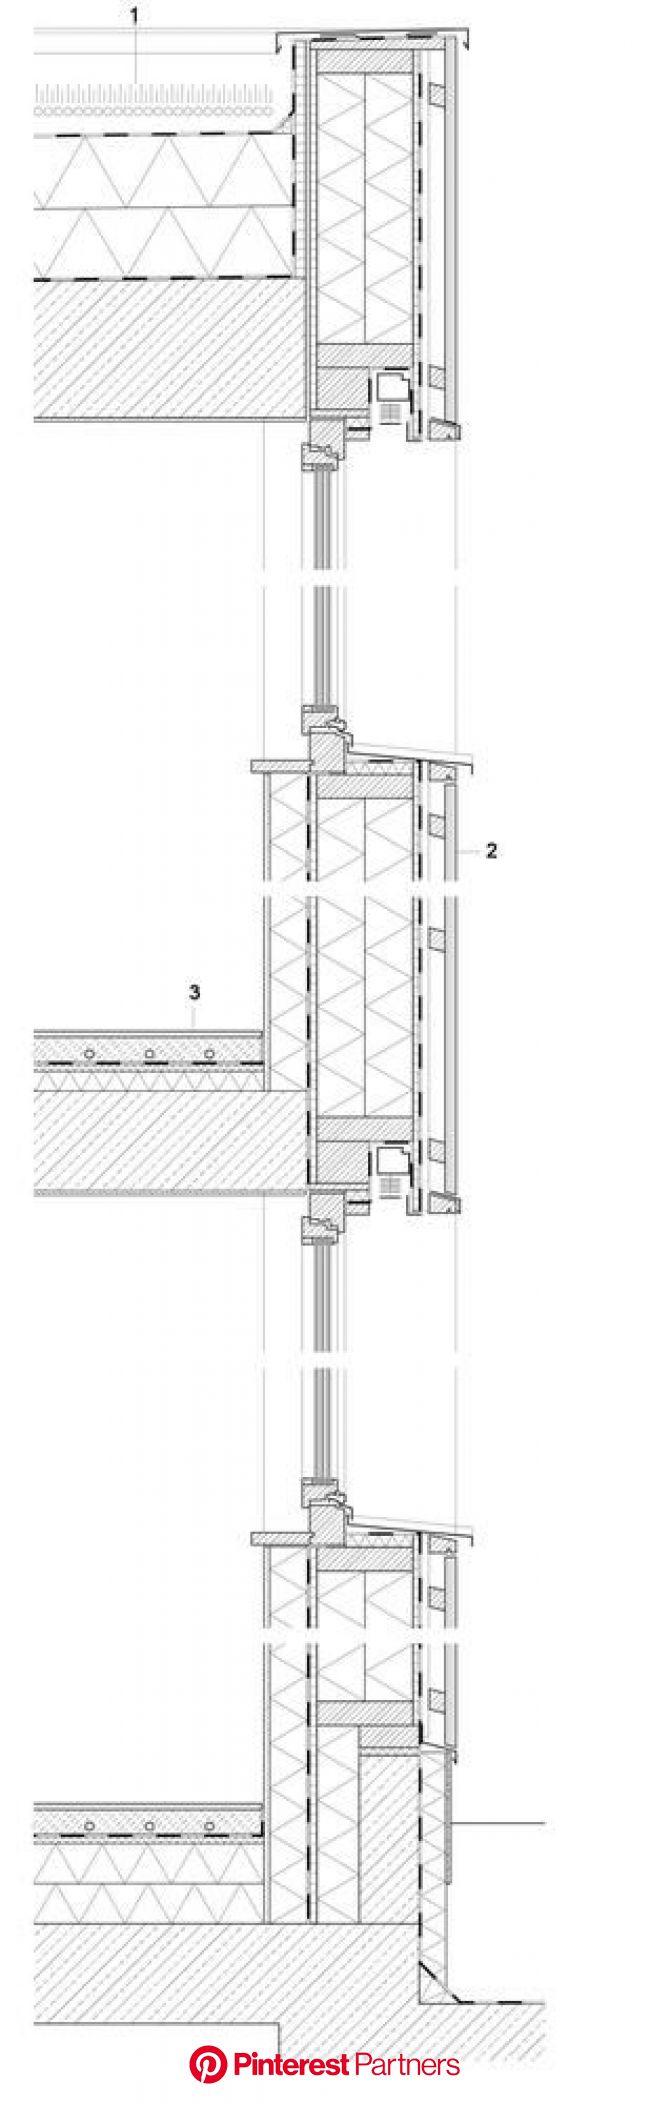 Effiziente Mischbauweise: Wohnanlage in Lauterach | Baukonstruktionen, Moderne wohnarchitektur, Lauterach